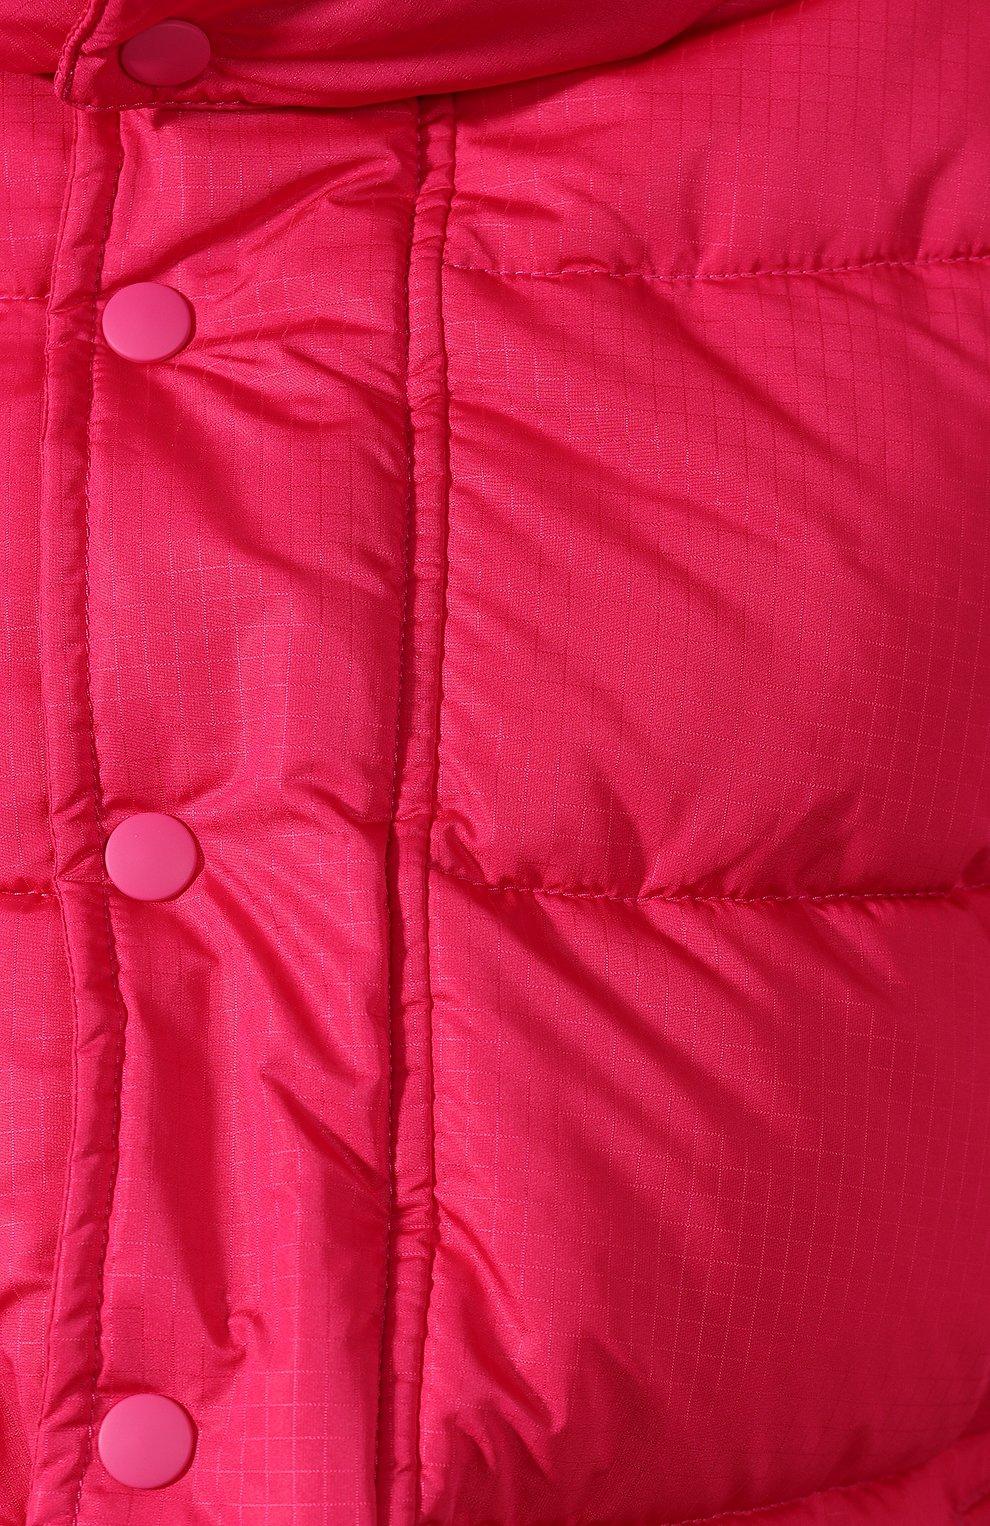 Женский стеганая куртка BALENCIAGA розового цвета, арт. 555346/TYD33   Фото 5 (Кросс-КТ: Куртка, Пуховик; Рукава от горловины: Длинные; Рукава: Длинные; Женское Кросс-КТ: Пуховик-куртка; Длина (верхняя одежда): До середины бедра, Короткие; Материал внешний: Синтетический материал, Полиэстер; Материал подклада: Синтетический материал; Статус проверки: Проверено, Проверена категория)